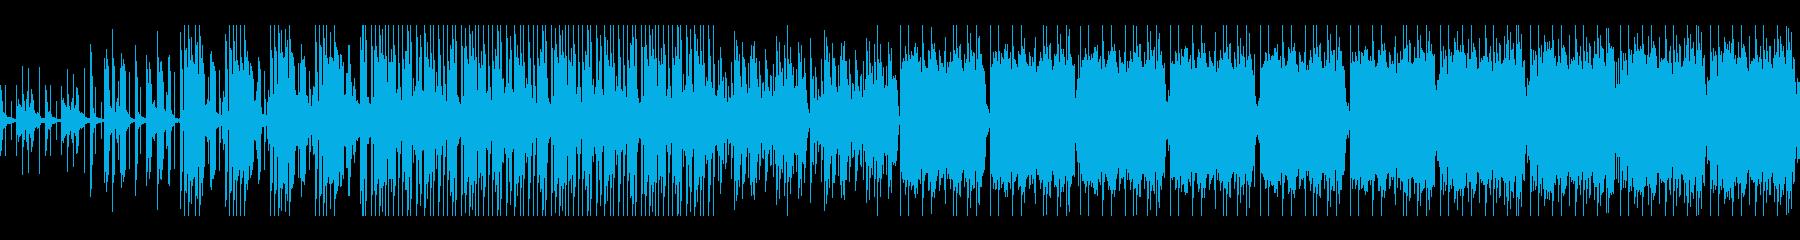 サイケデリックで妖艶なEDM(ループ可)の再生済みの波形